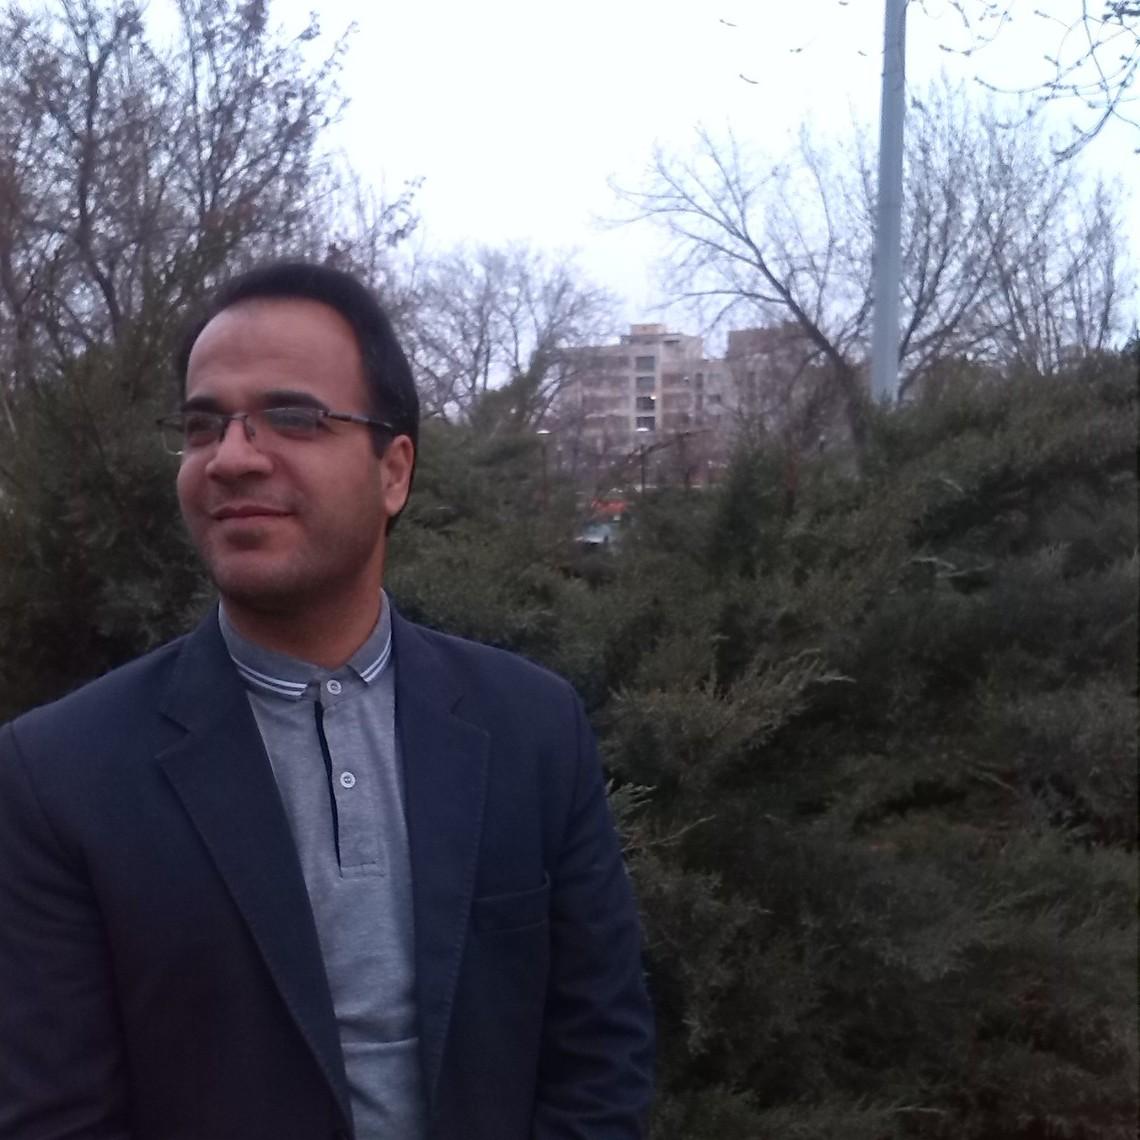 Abbas G.